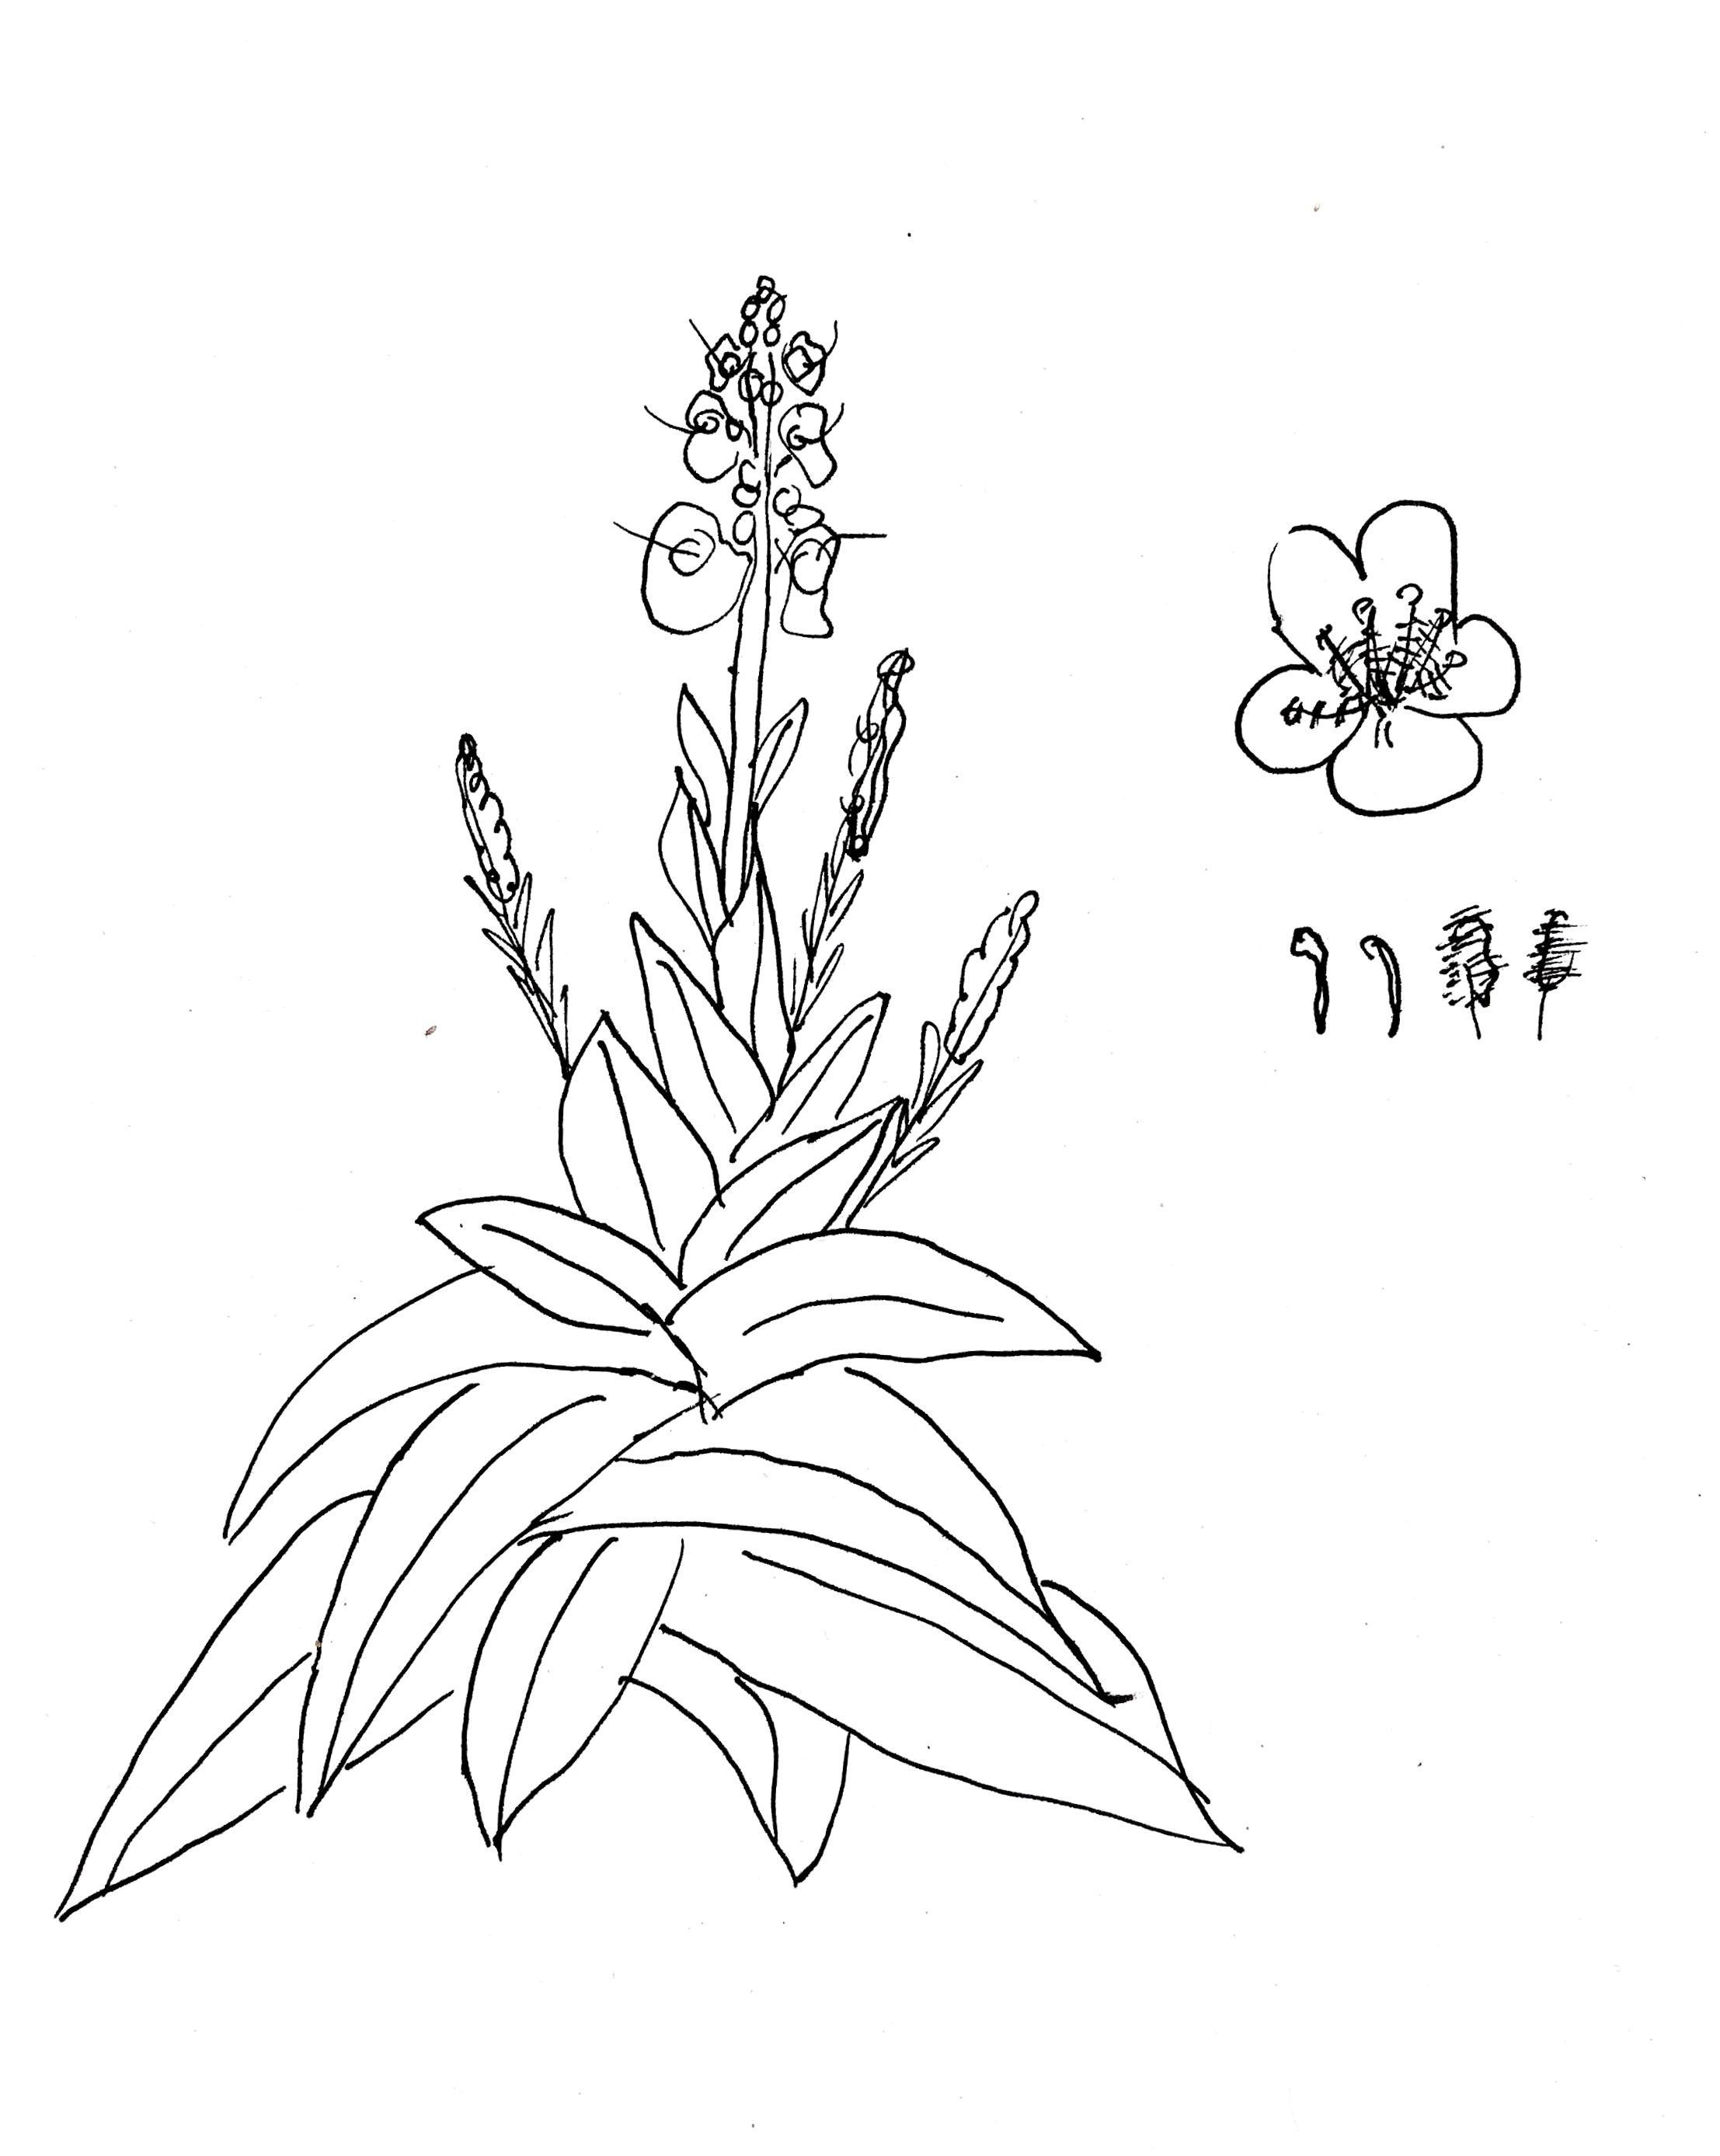 Kr%C3%A4uterwissen+Wollblume+K%C3%B6nigskerze+Wildkr%C3%A4uter+Heilpflanzen+sammeln